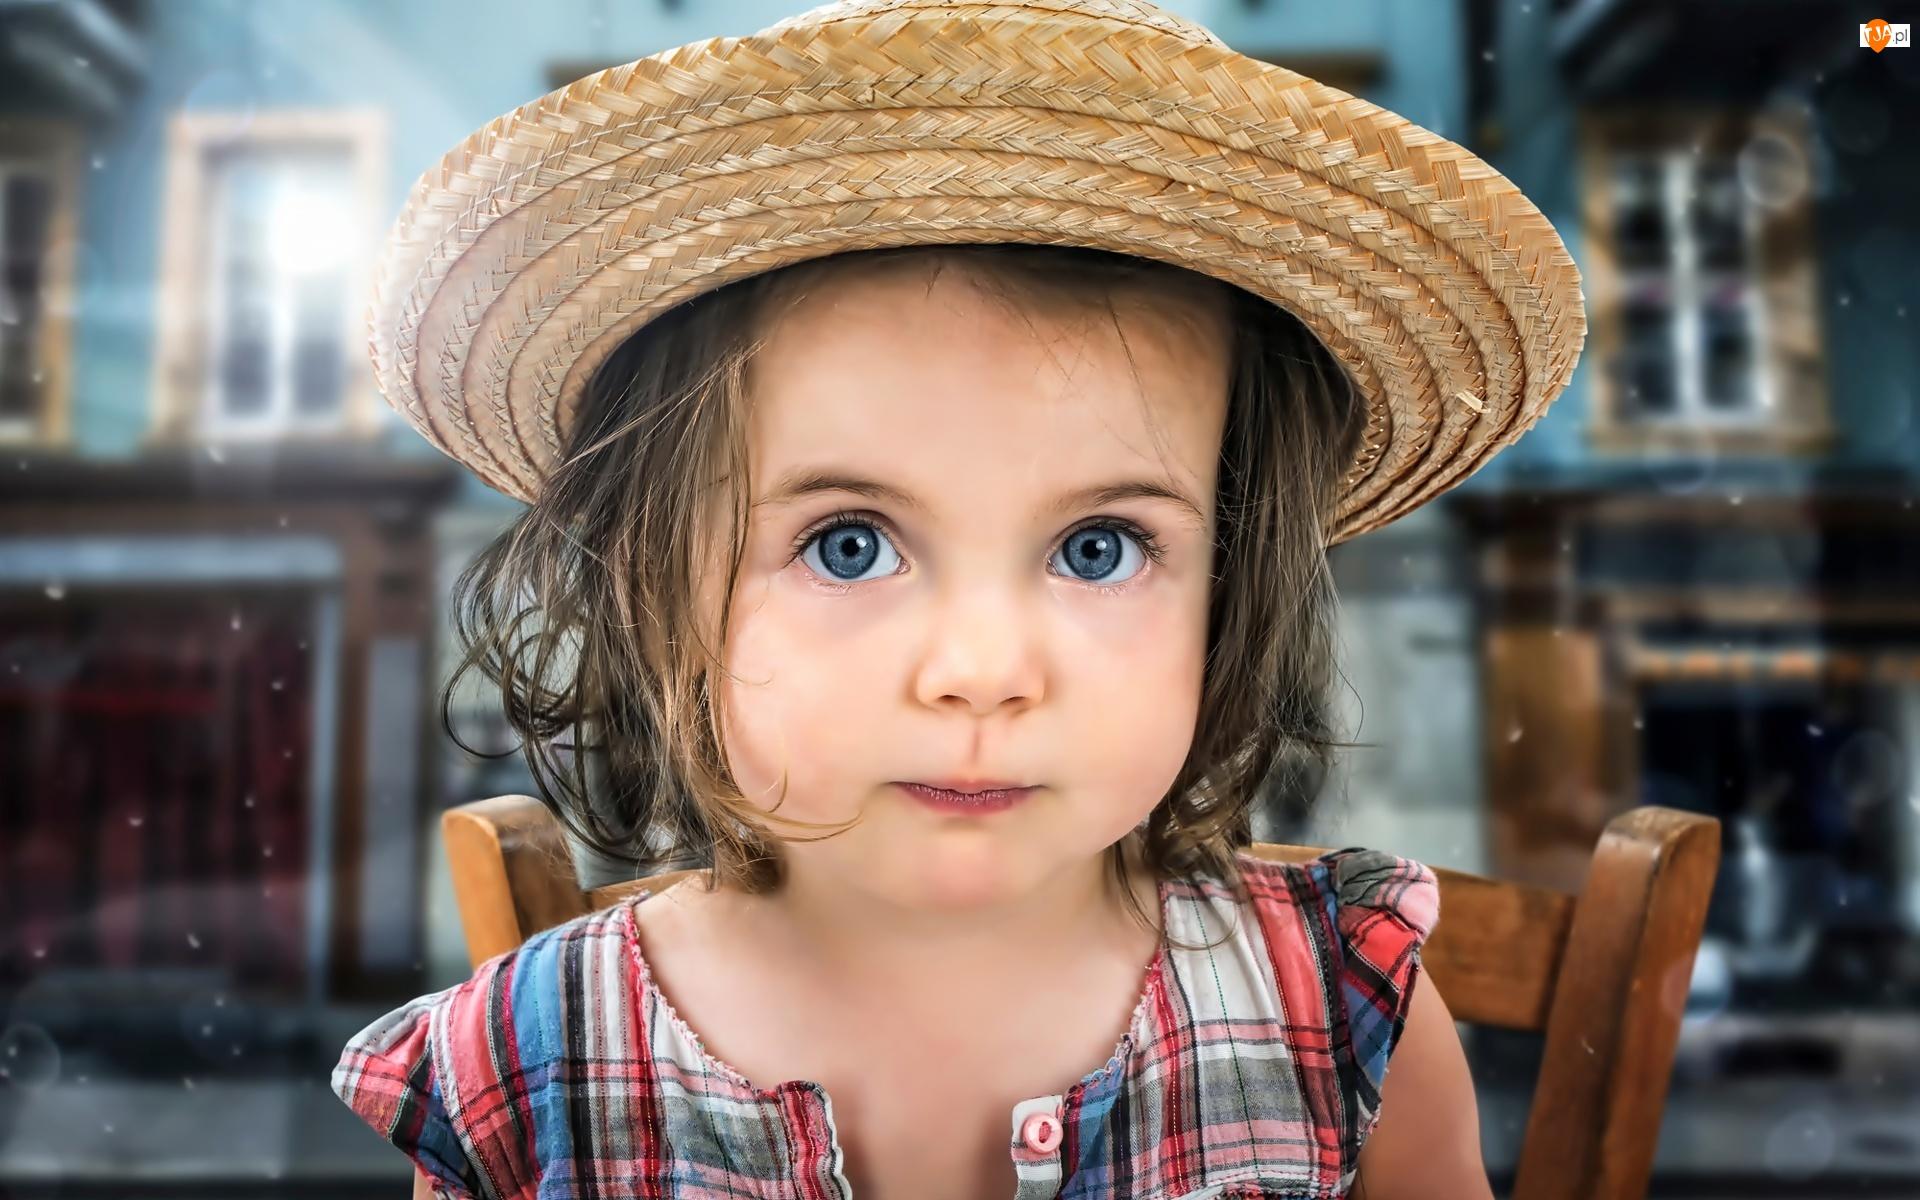 Dziewczynka, Twarz, Kapelusz, Dziecko, Słomiany, Oczy, Duże